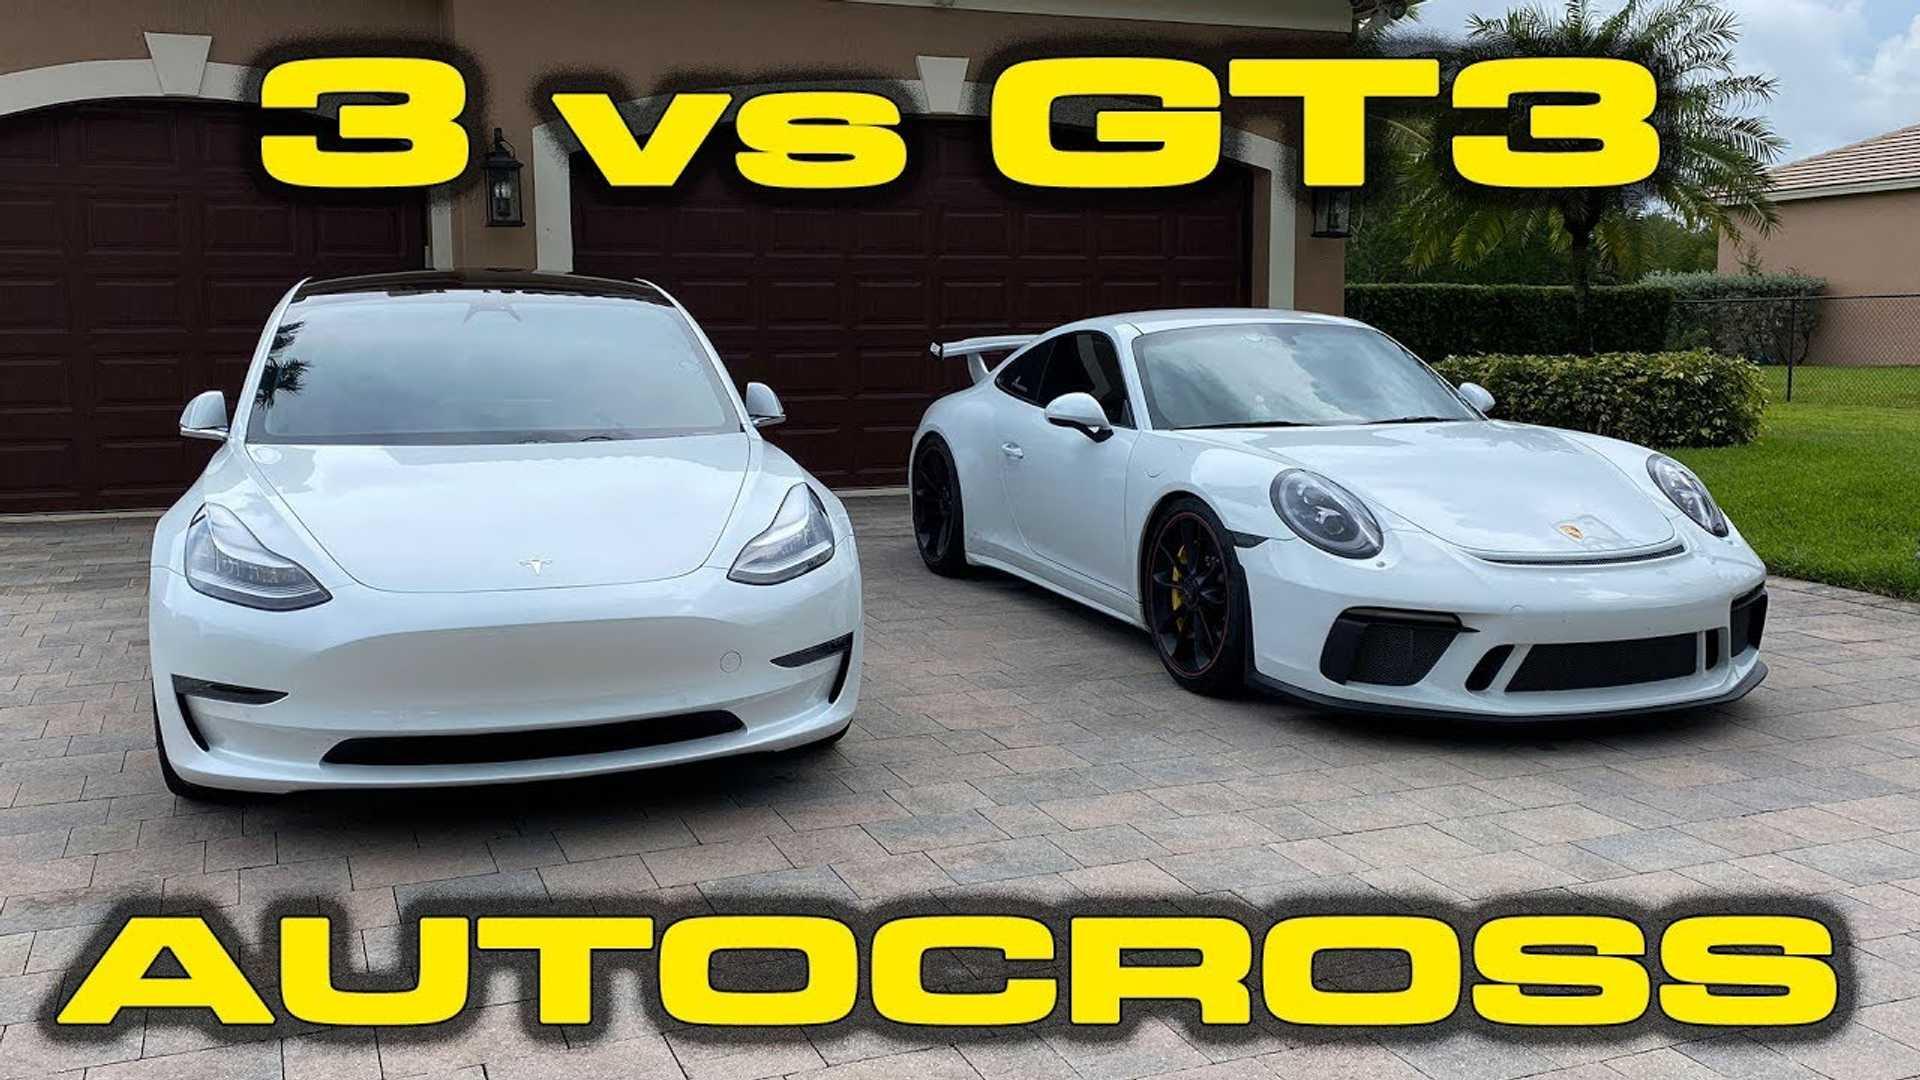 Наблюдайте за производительностью Porsche 911 GT3 Challenge Tesla Model 3 в автокроссе